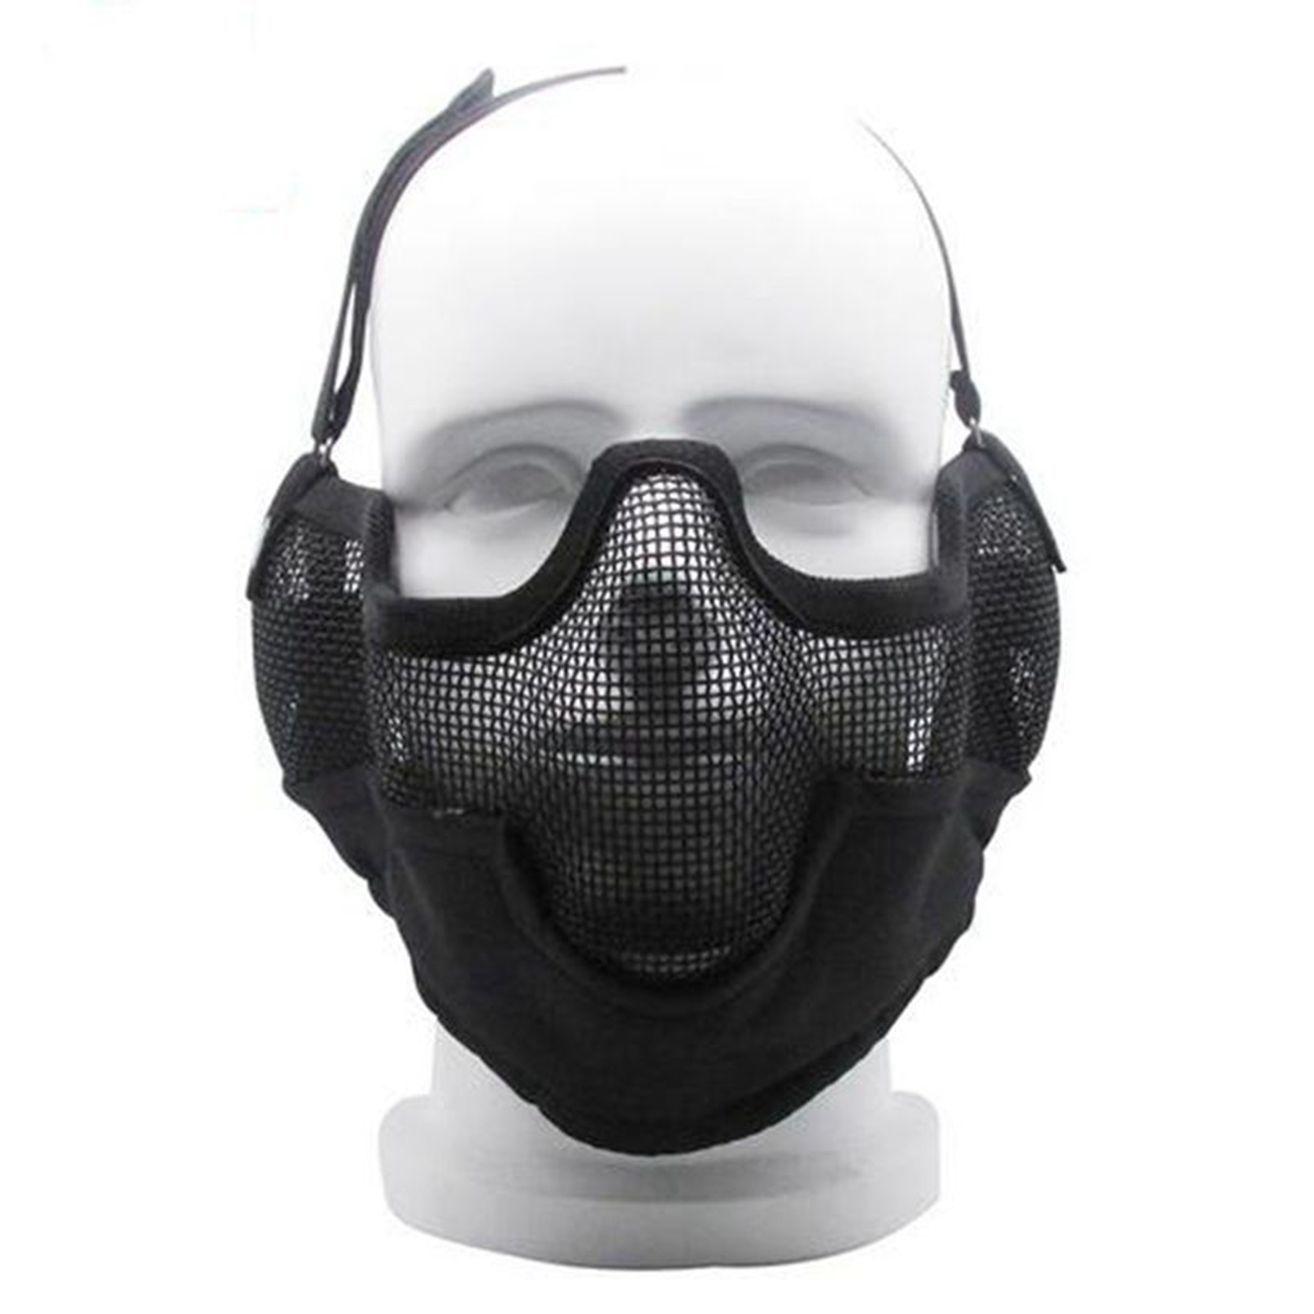 Neu Taktisch Airsoft Metallnetz Protective Brille Brille Leicht Kein Nebel Sonstige Sport Wbcboxing Com